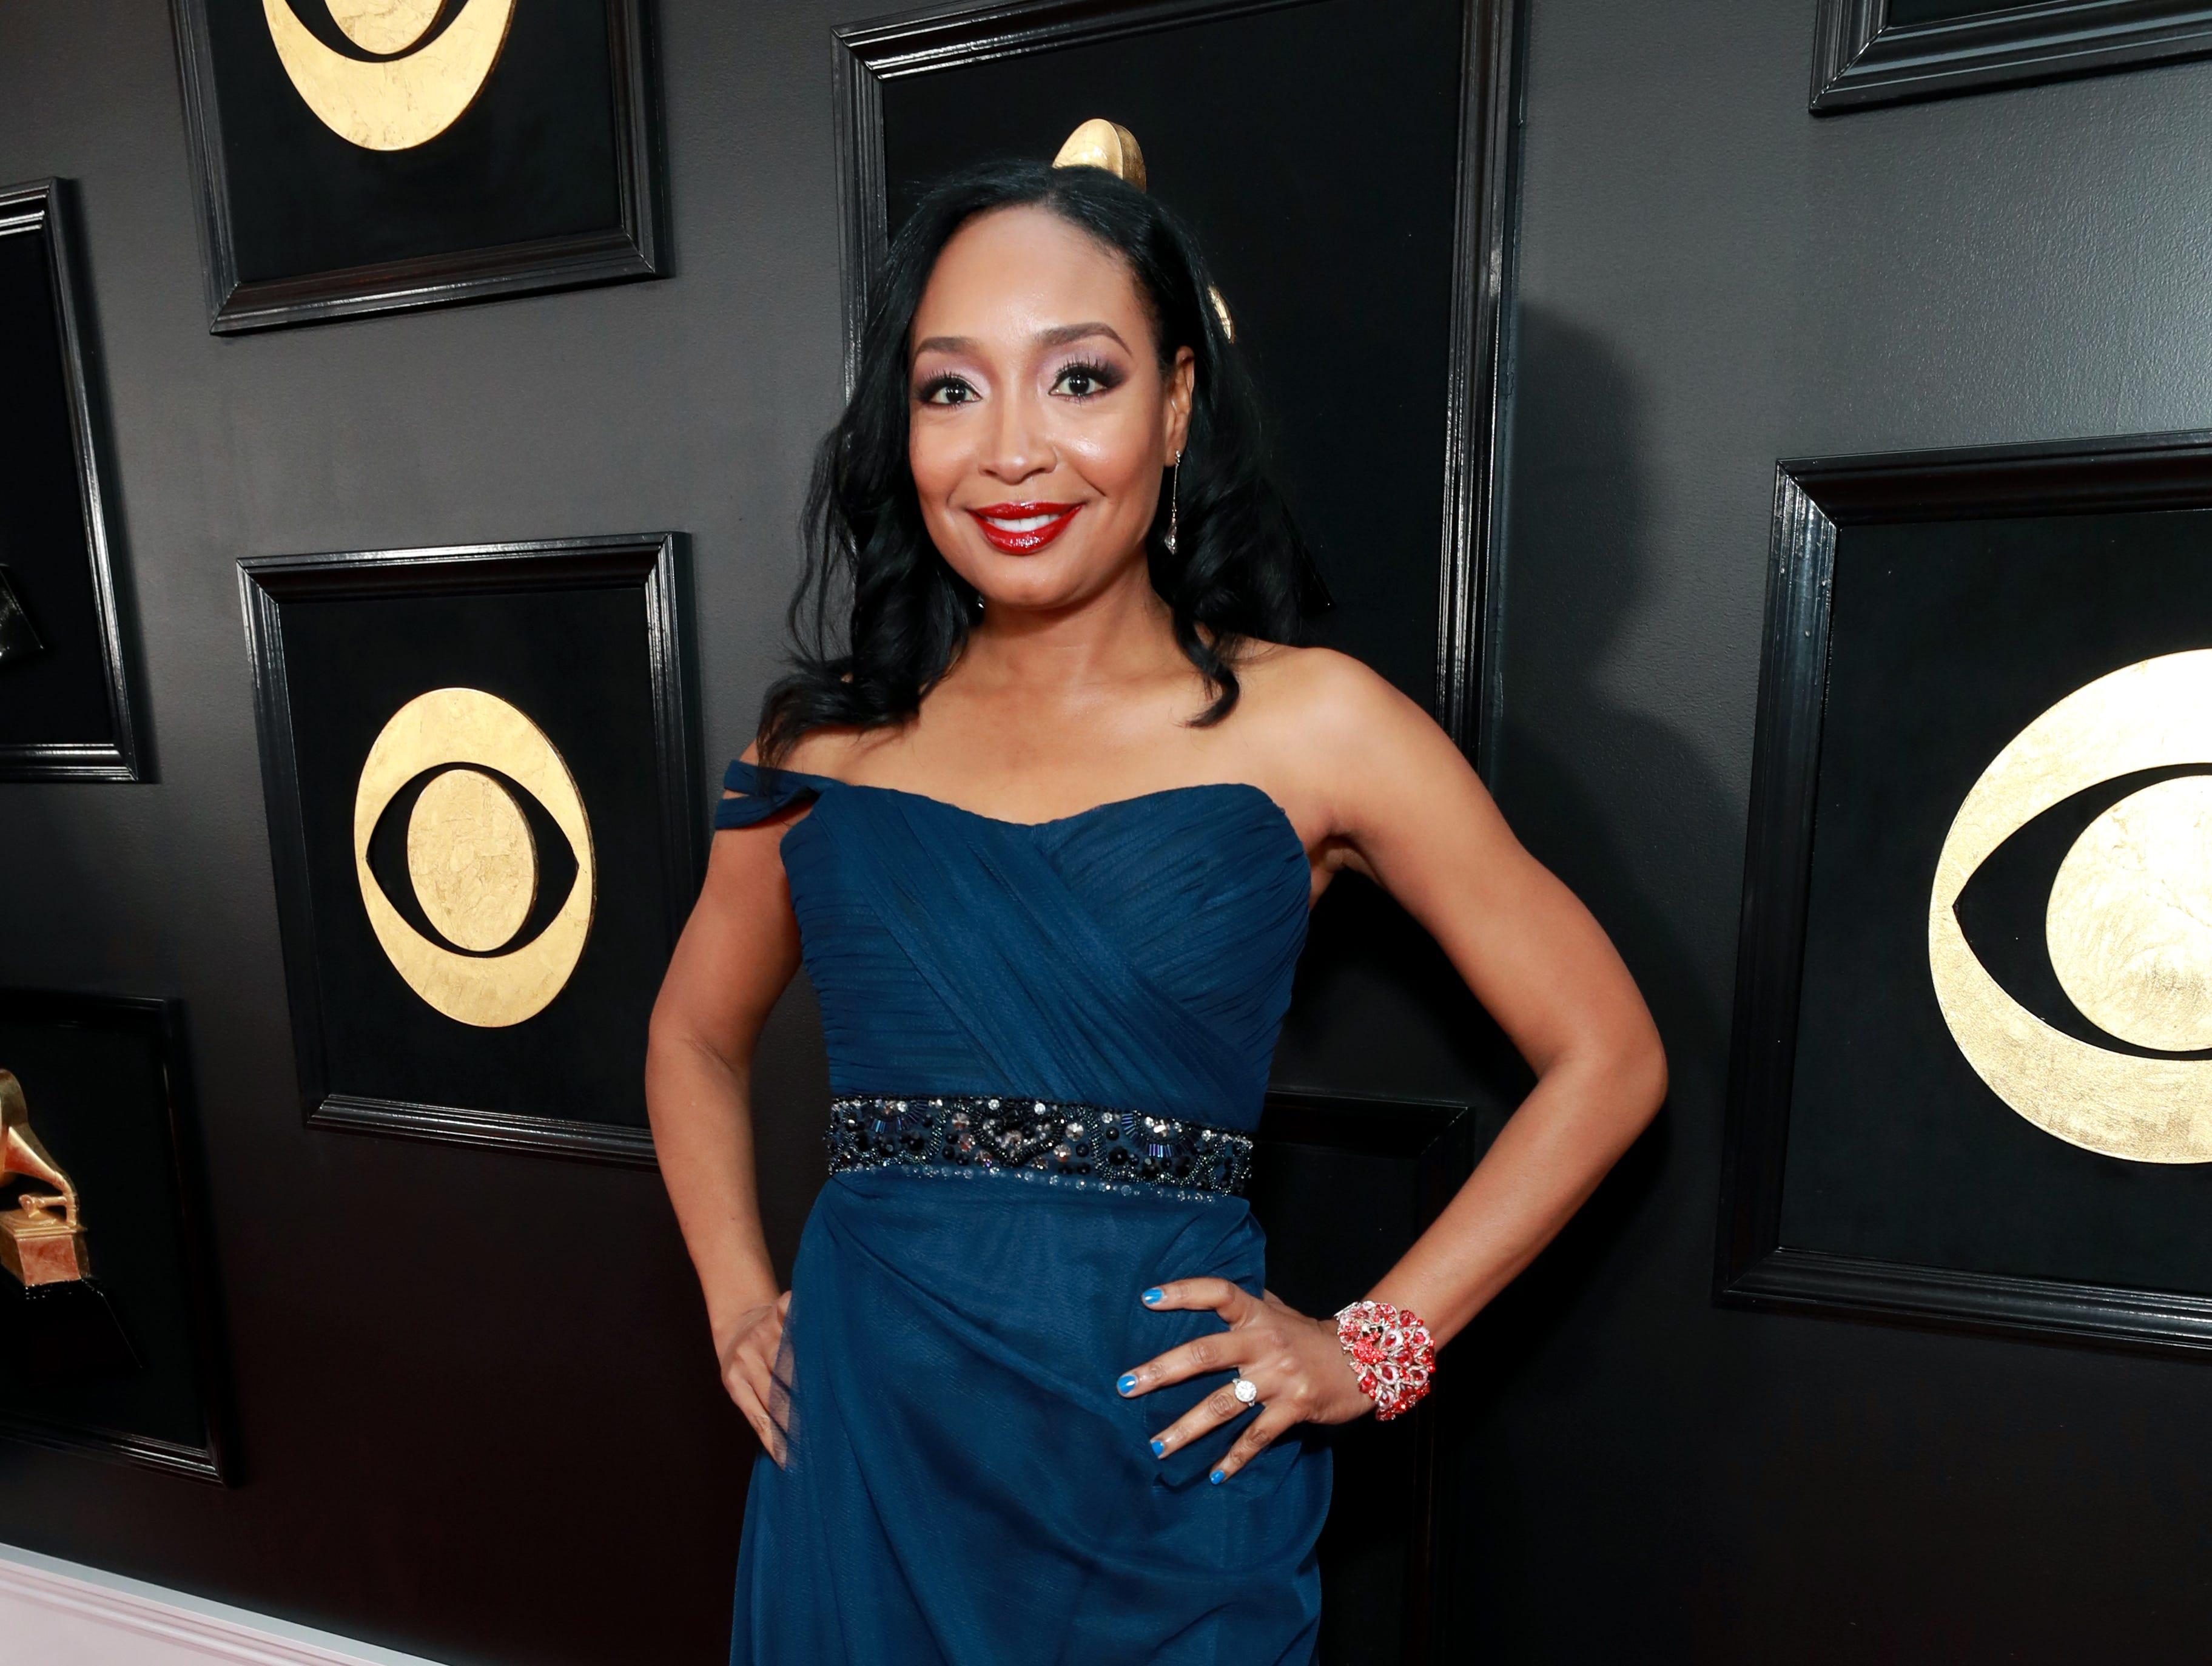 Malina Moye asiste a la 61ª edición de los premios GRAMMY en el Staples Center el 10 de febrero de 2019 en Los Ángeles, California.